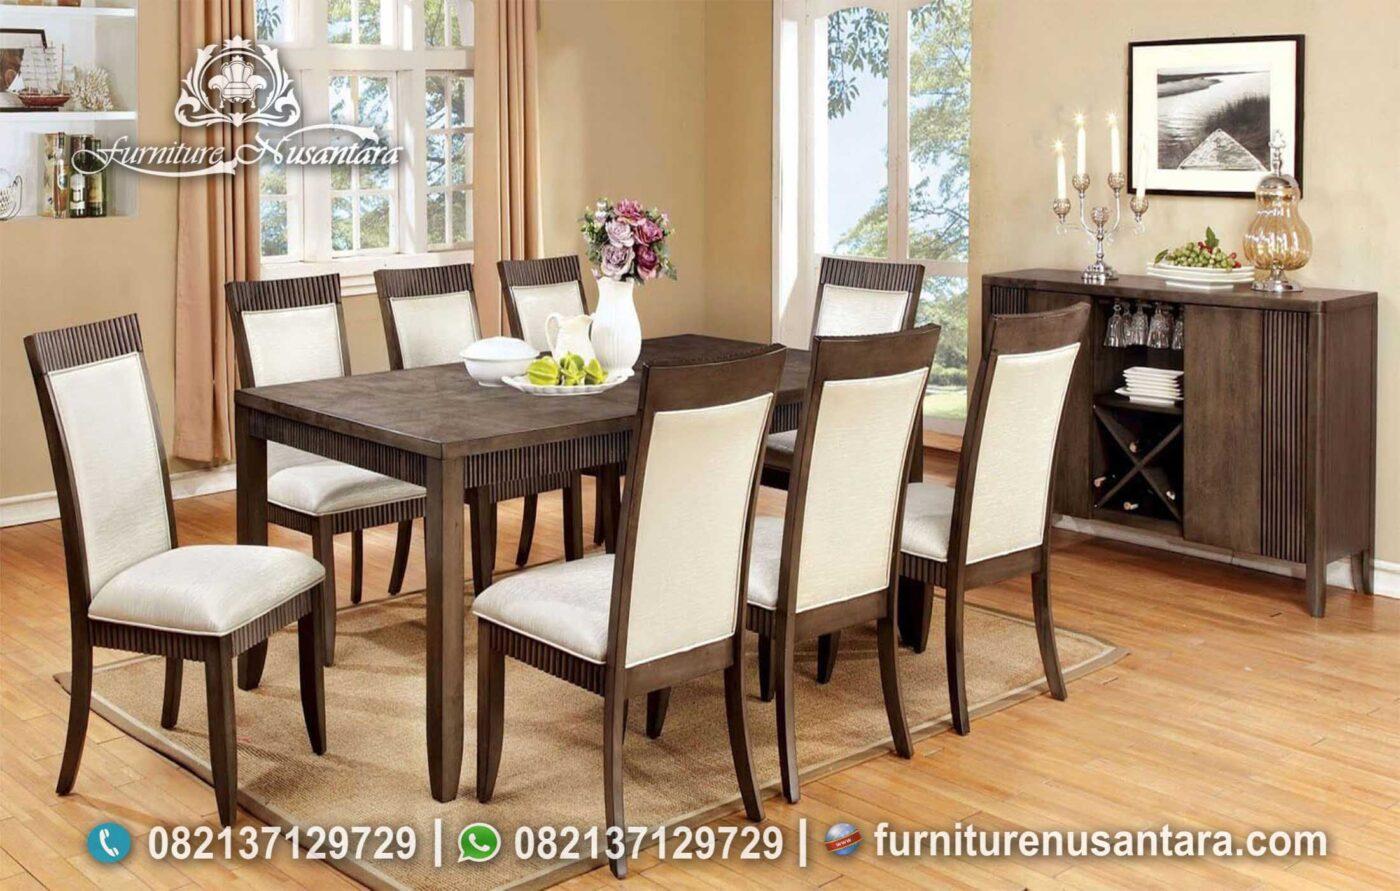 Meja Makan Minimalis Untuk Restoran MM-123